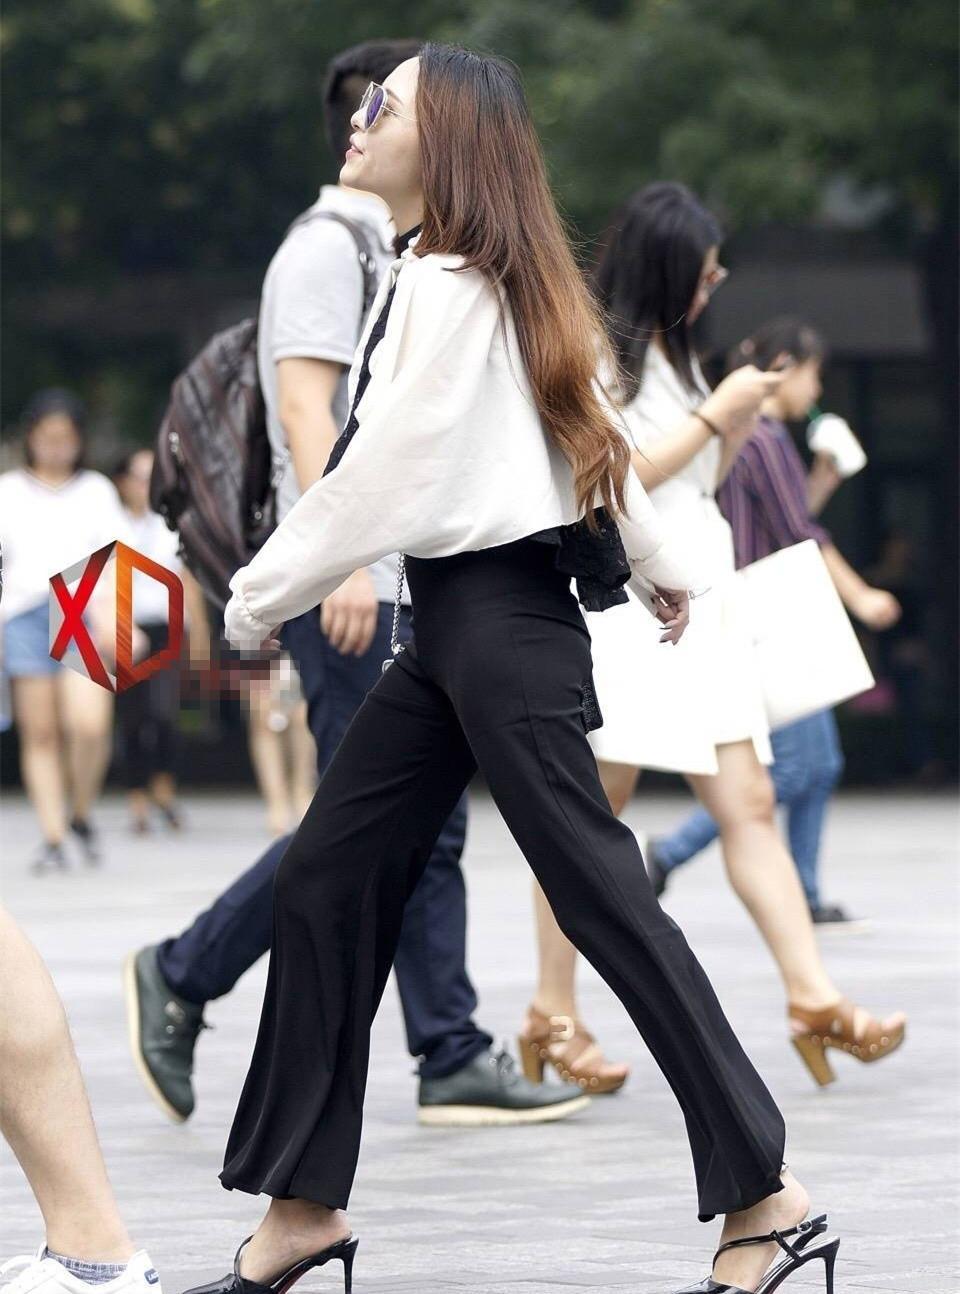 紧身裤气质贵妇, 没有实战过无法判断质量如何 5